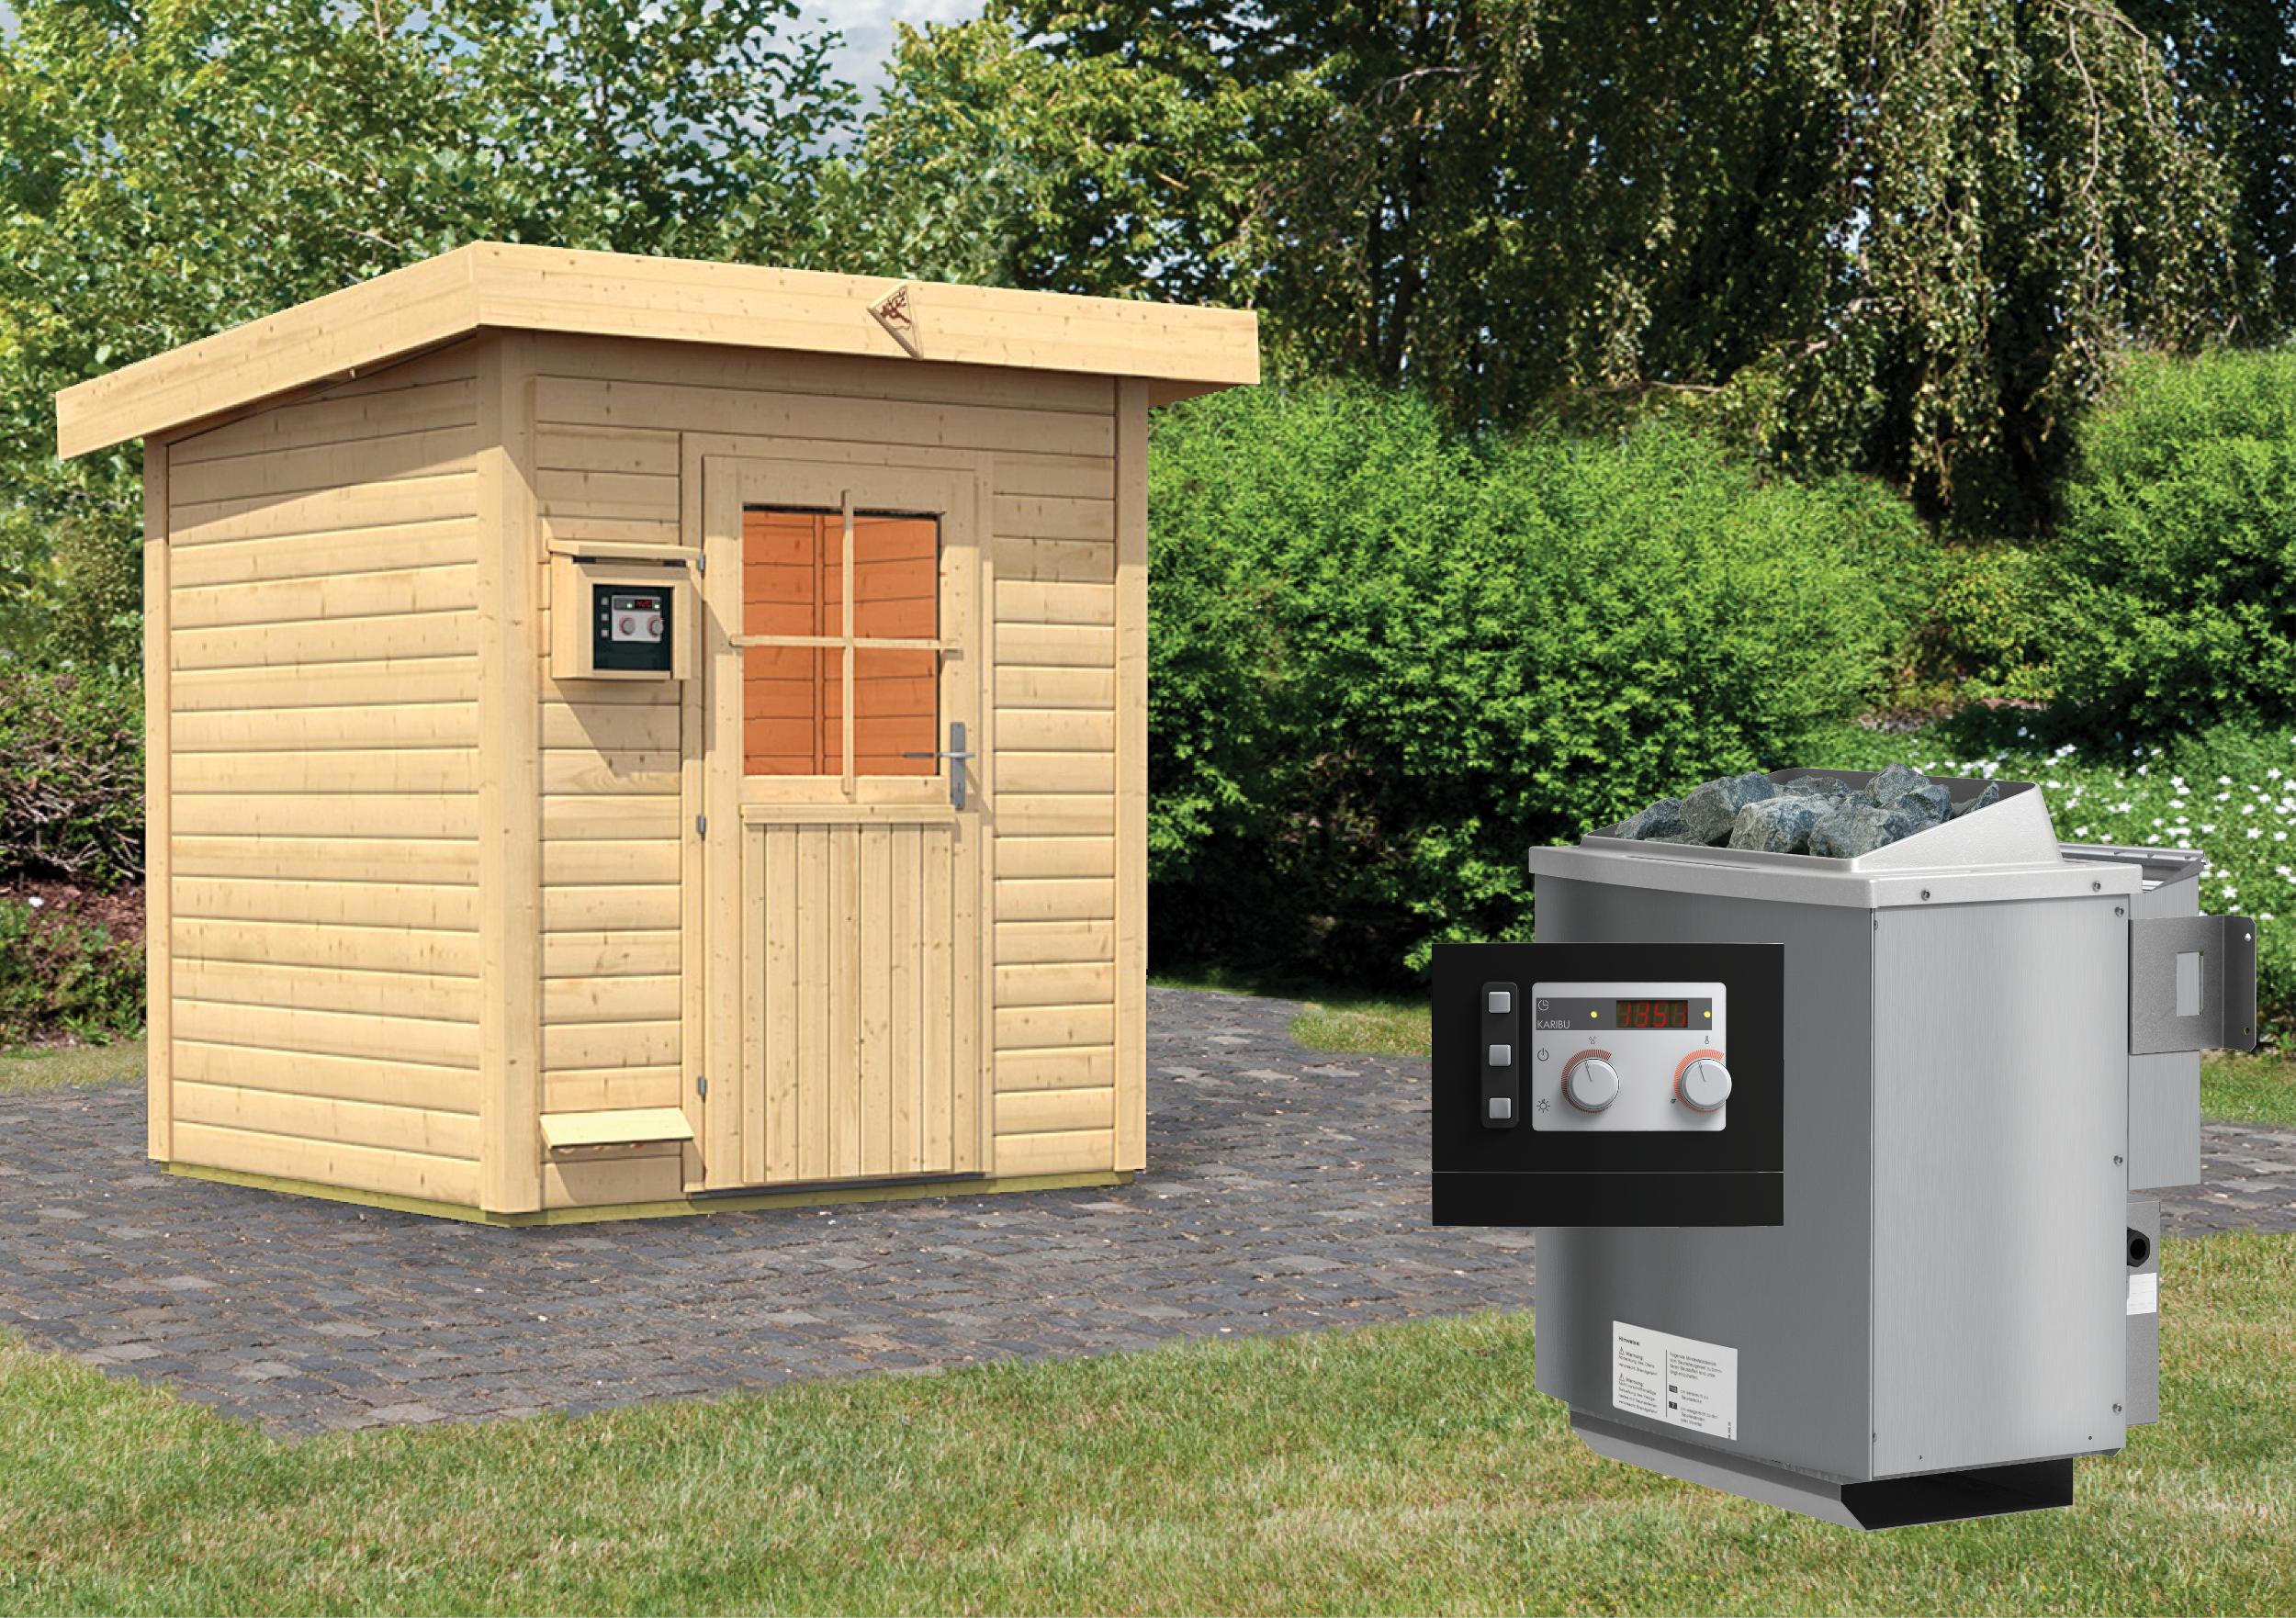 karibu gartensauna haakon 1 96 x 1 70 m 38 mm mit 9 kw ofen saunahaus au ensauna ebay. Black Bedroom Furniture Sets. Home Design Ideas